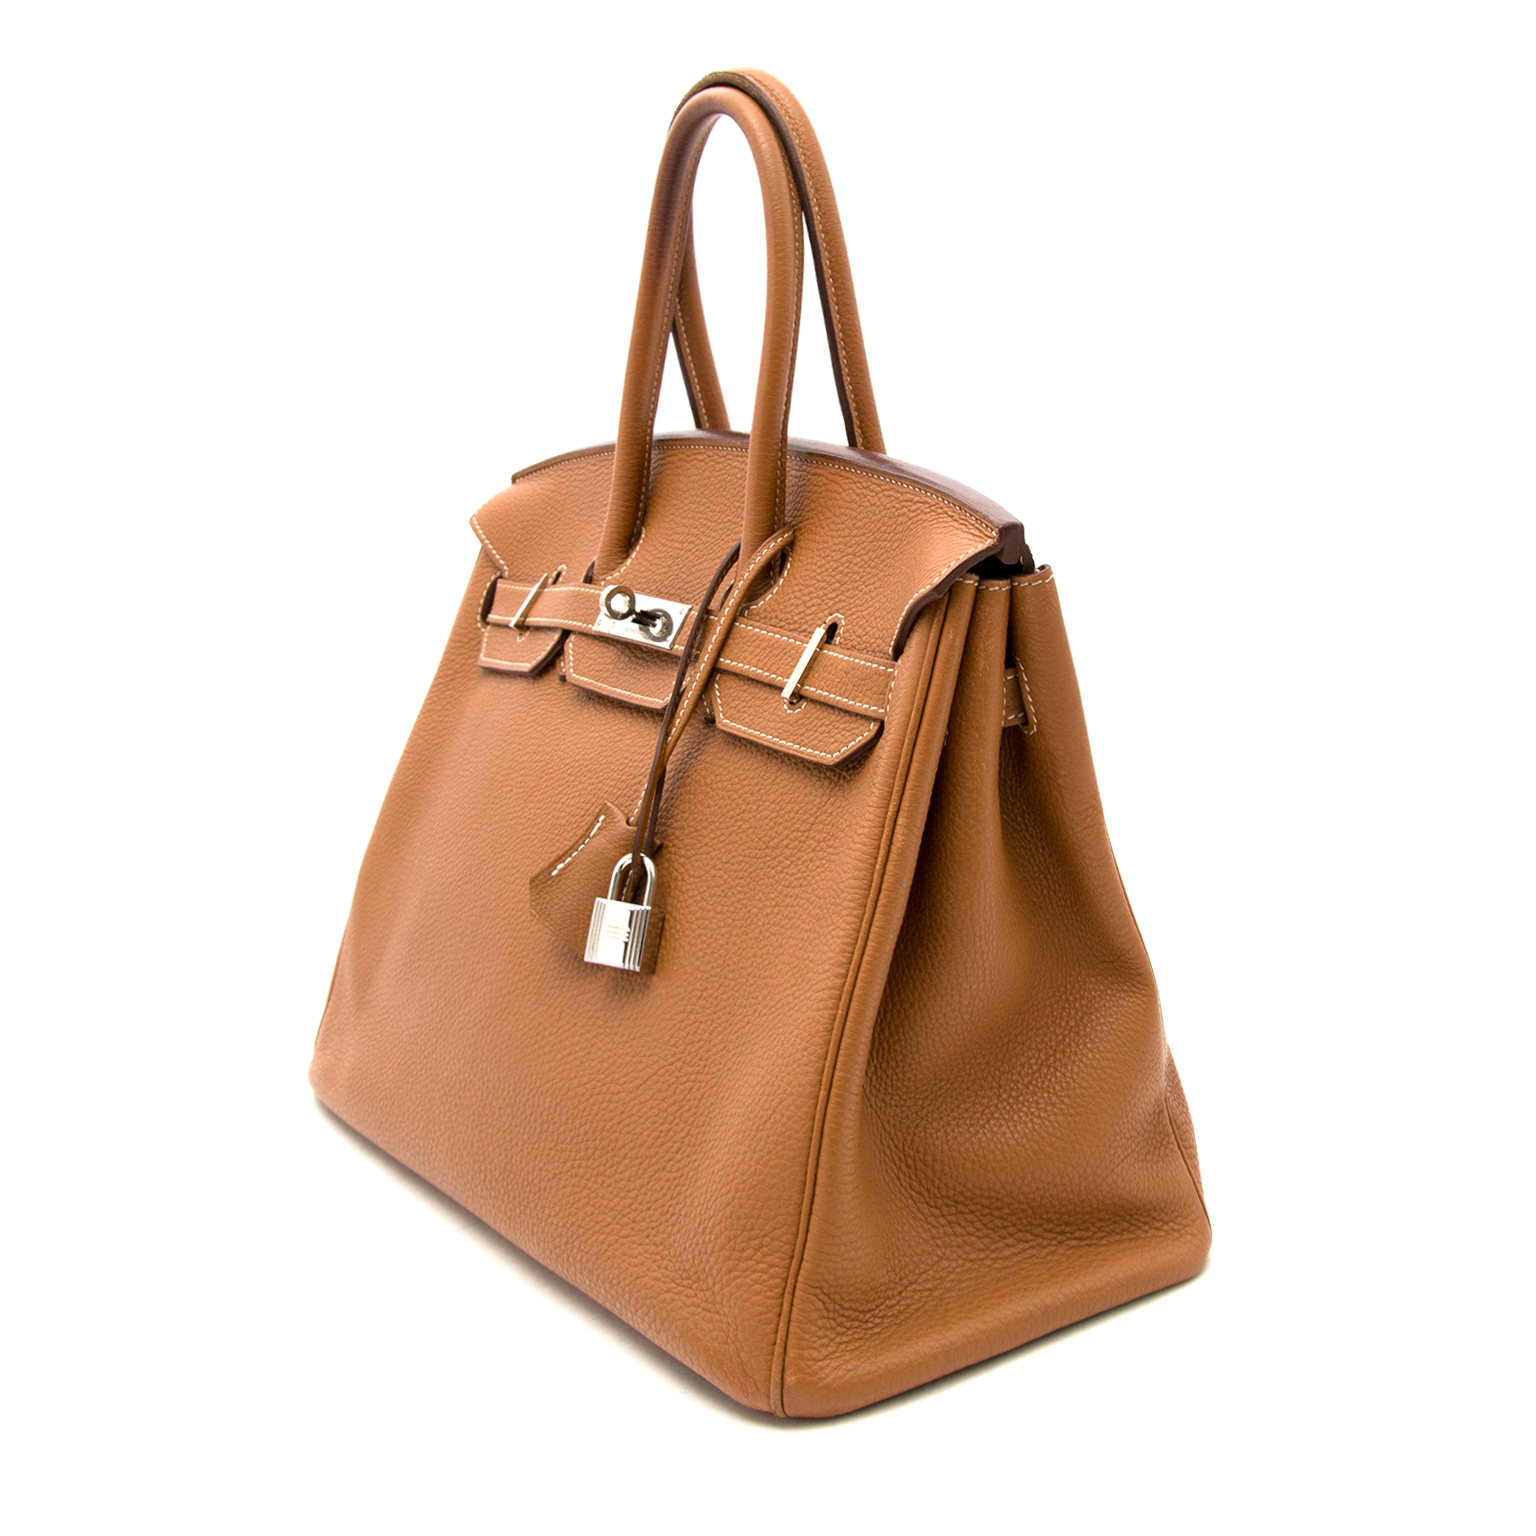 acheter en ligne pour le meilleur prix sac a main Hermes Birkin 35 Gold Togo enligne ou boutique hermes belgique Labellov Anvers